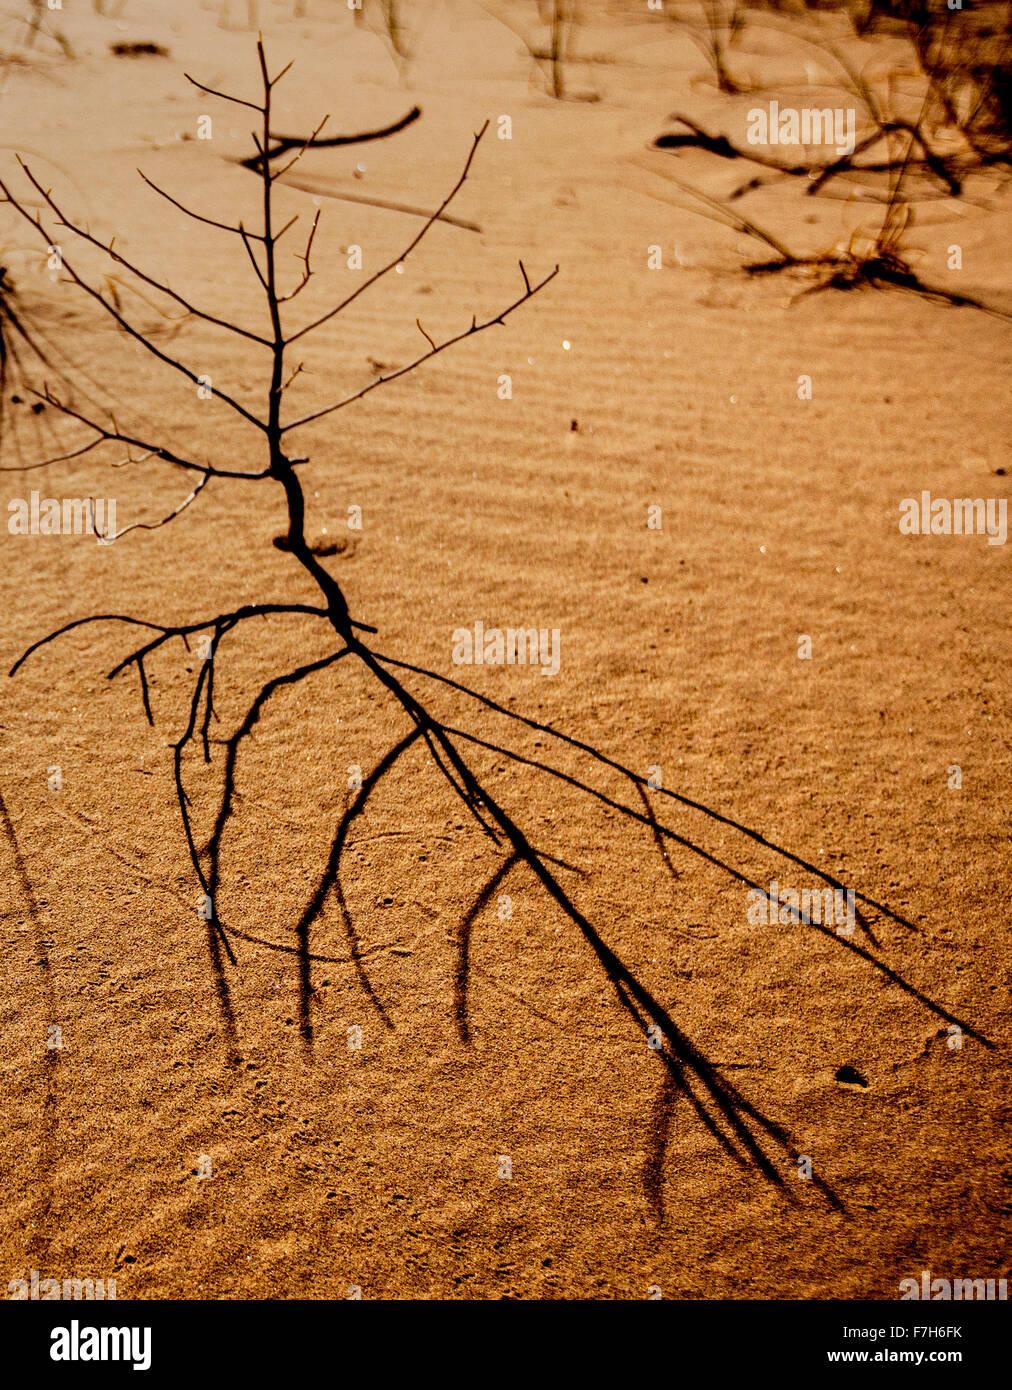 Las sombras se extienden a través de las dunas Imagen De Stock